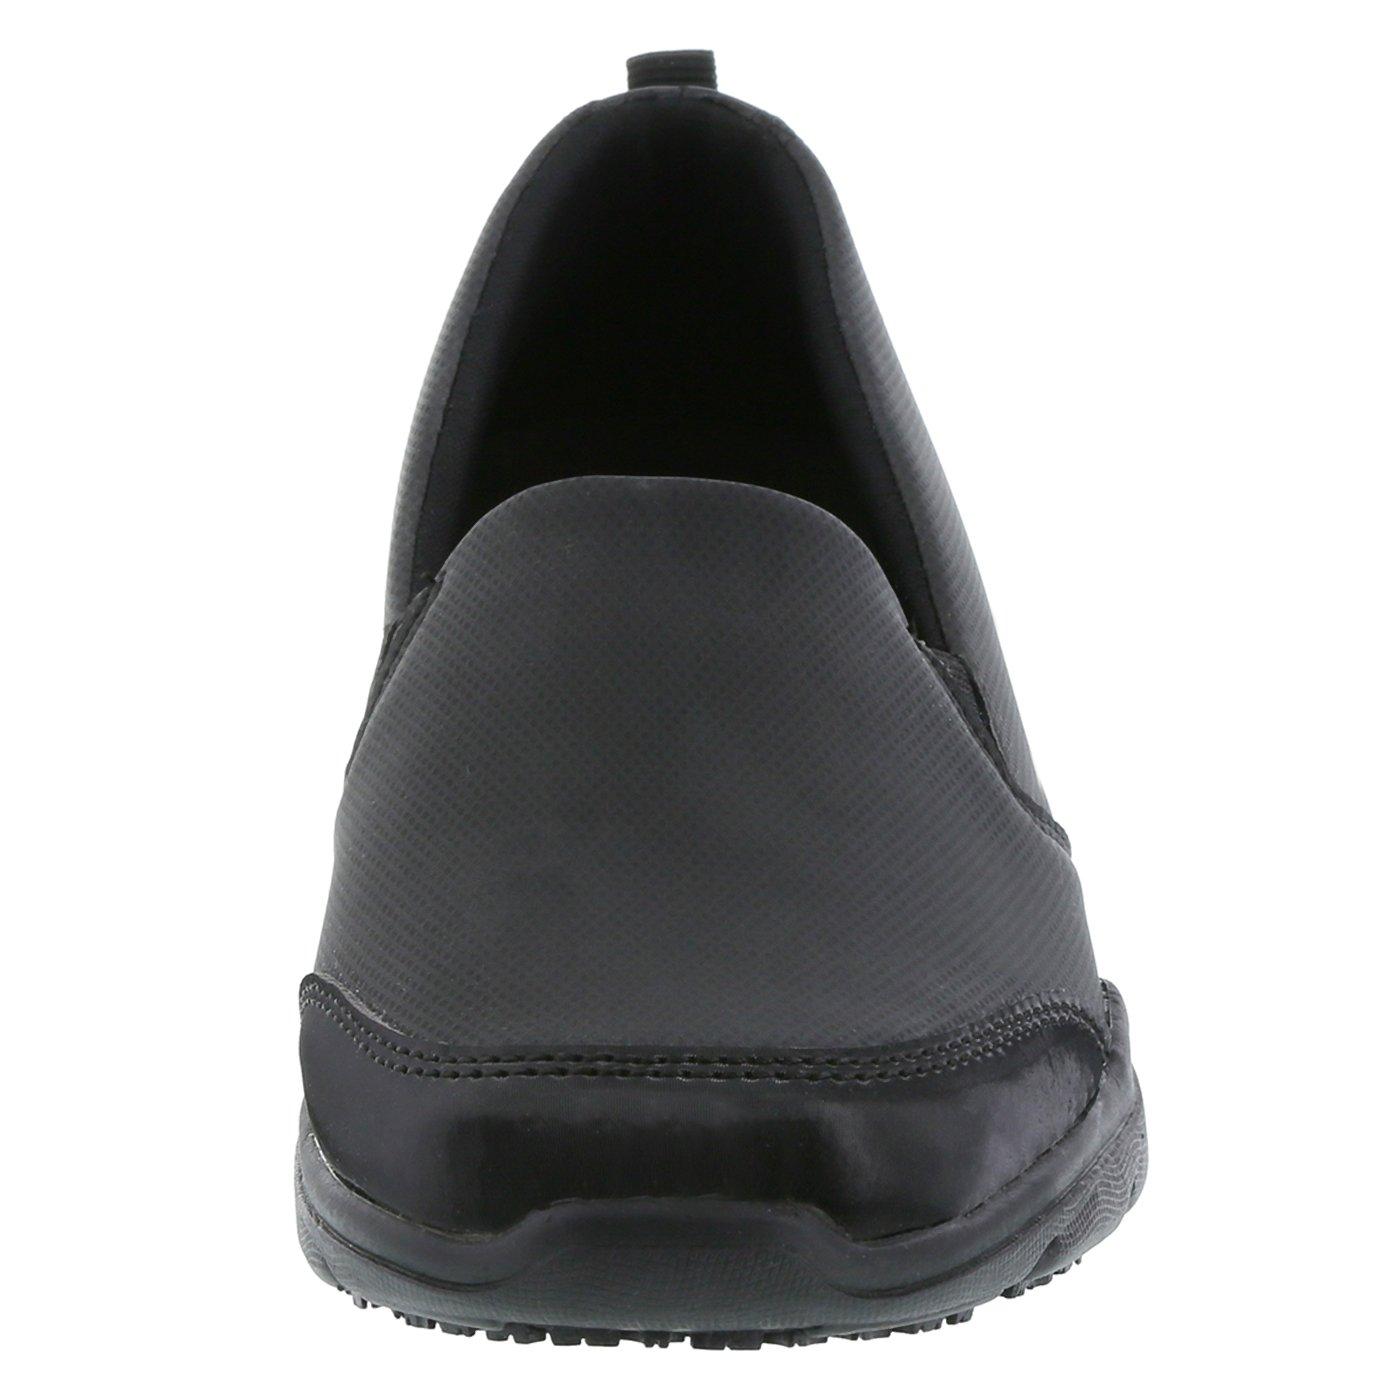 safeTstep Slip Resistant Women's Black Women's Camina Slip-On 10 Wide by safeTstep (Image #4)